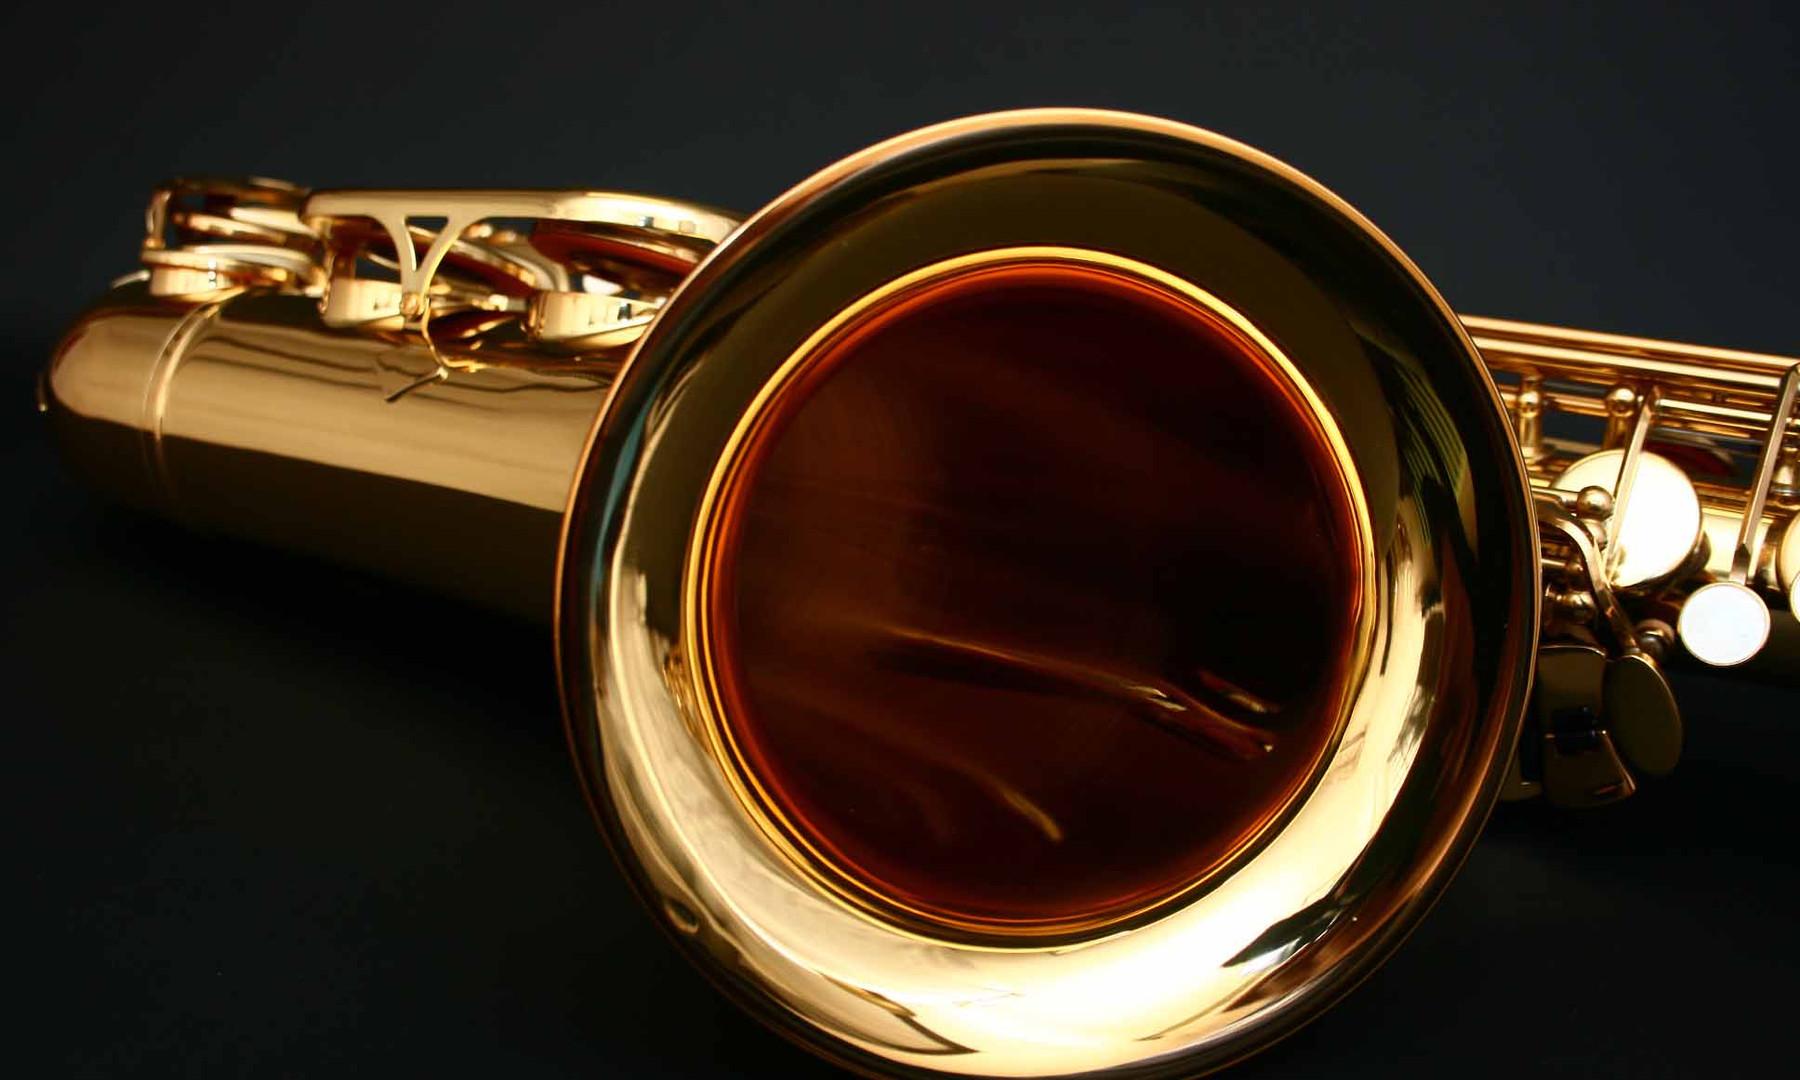 Tenorsaxophon Yamaha YTS 275 - Saxophon Manufaktur Marx